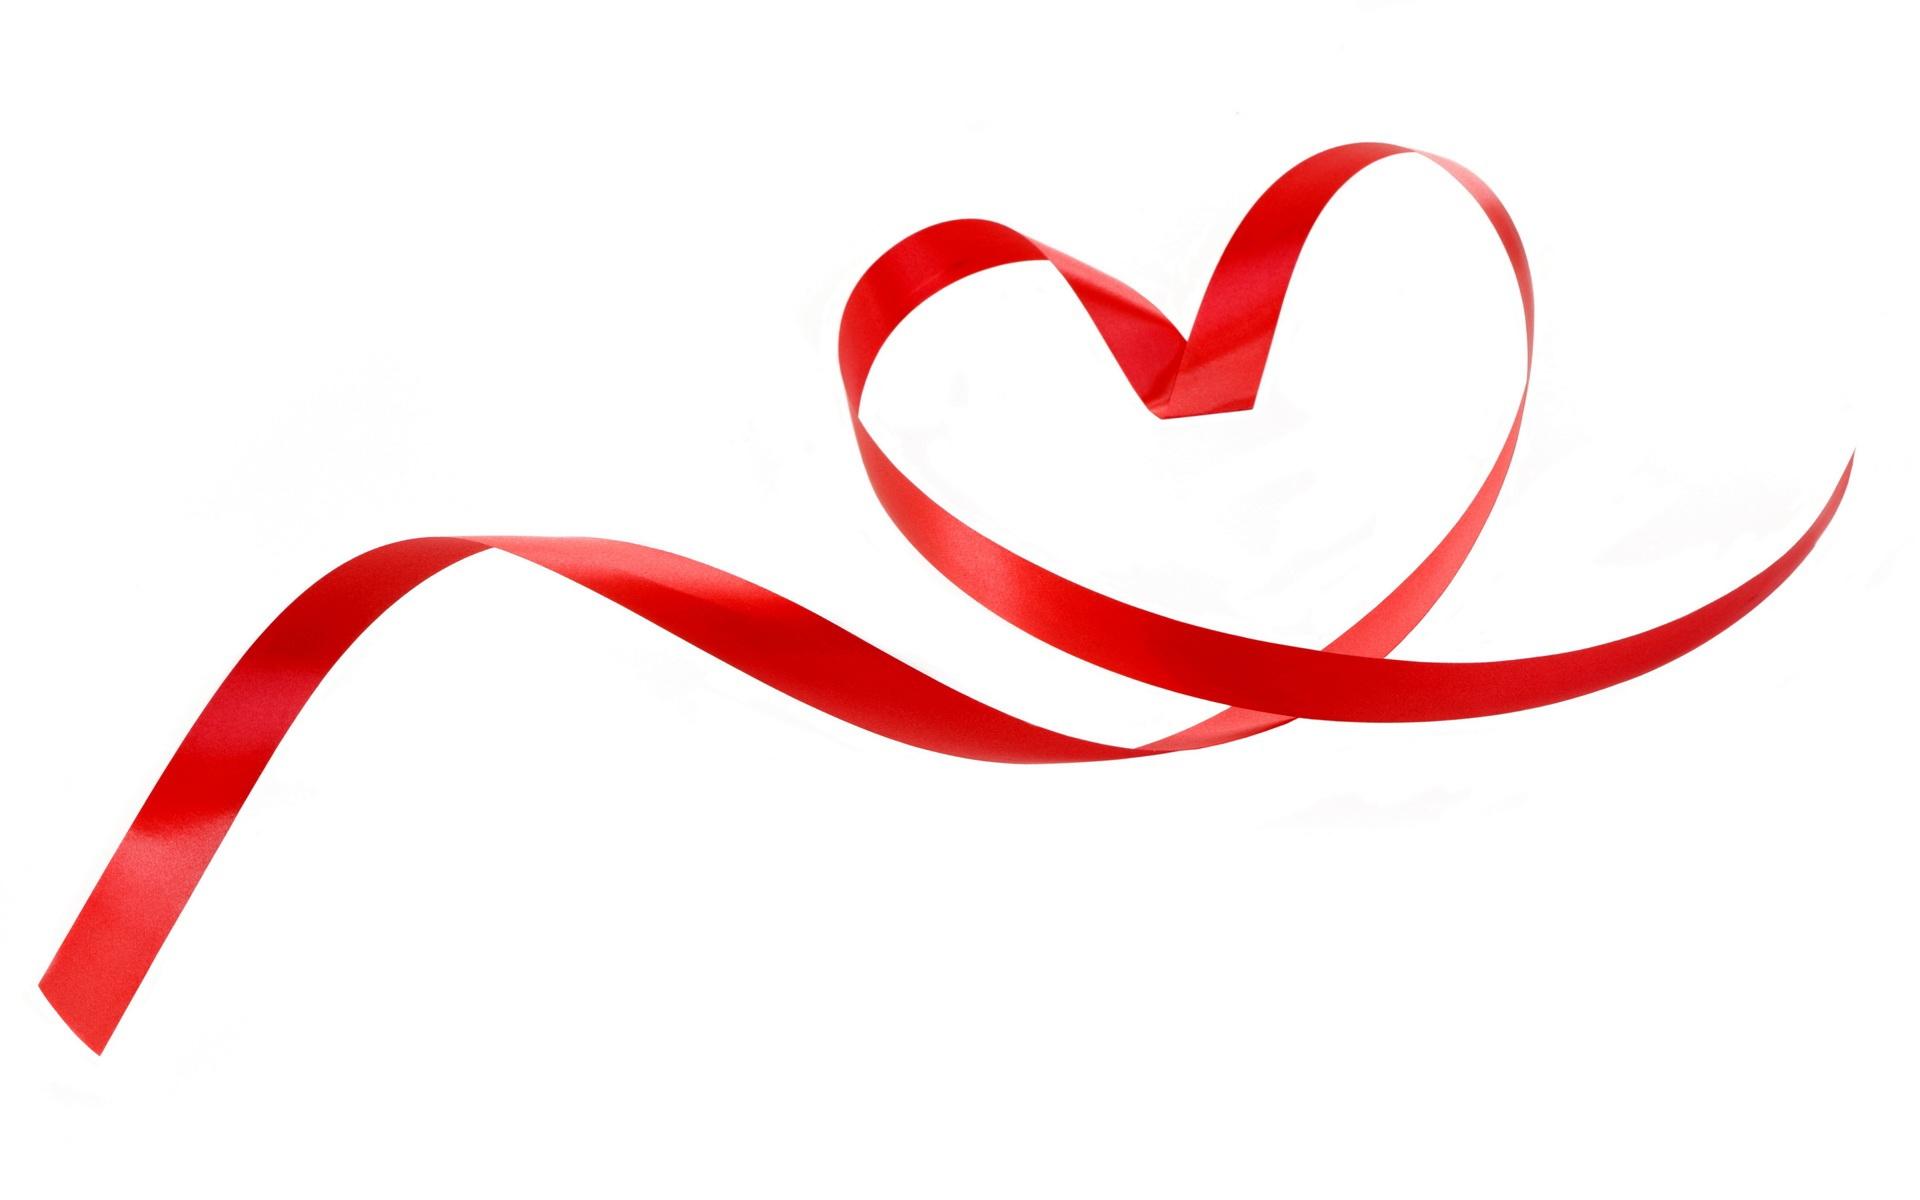 Картинка форма сердца из красной ленточки на белом фоне ...